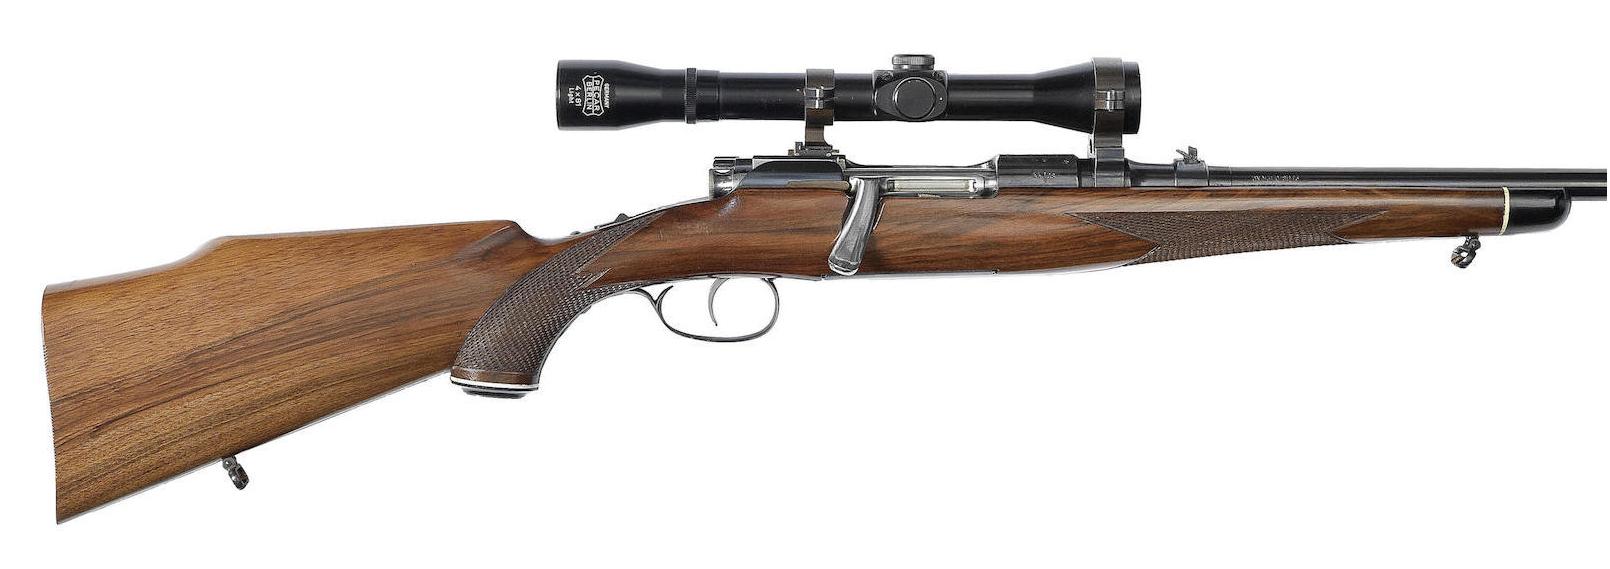 Mannlicher-Schönauer Rifles for Sale-1-MCA-270win